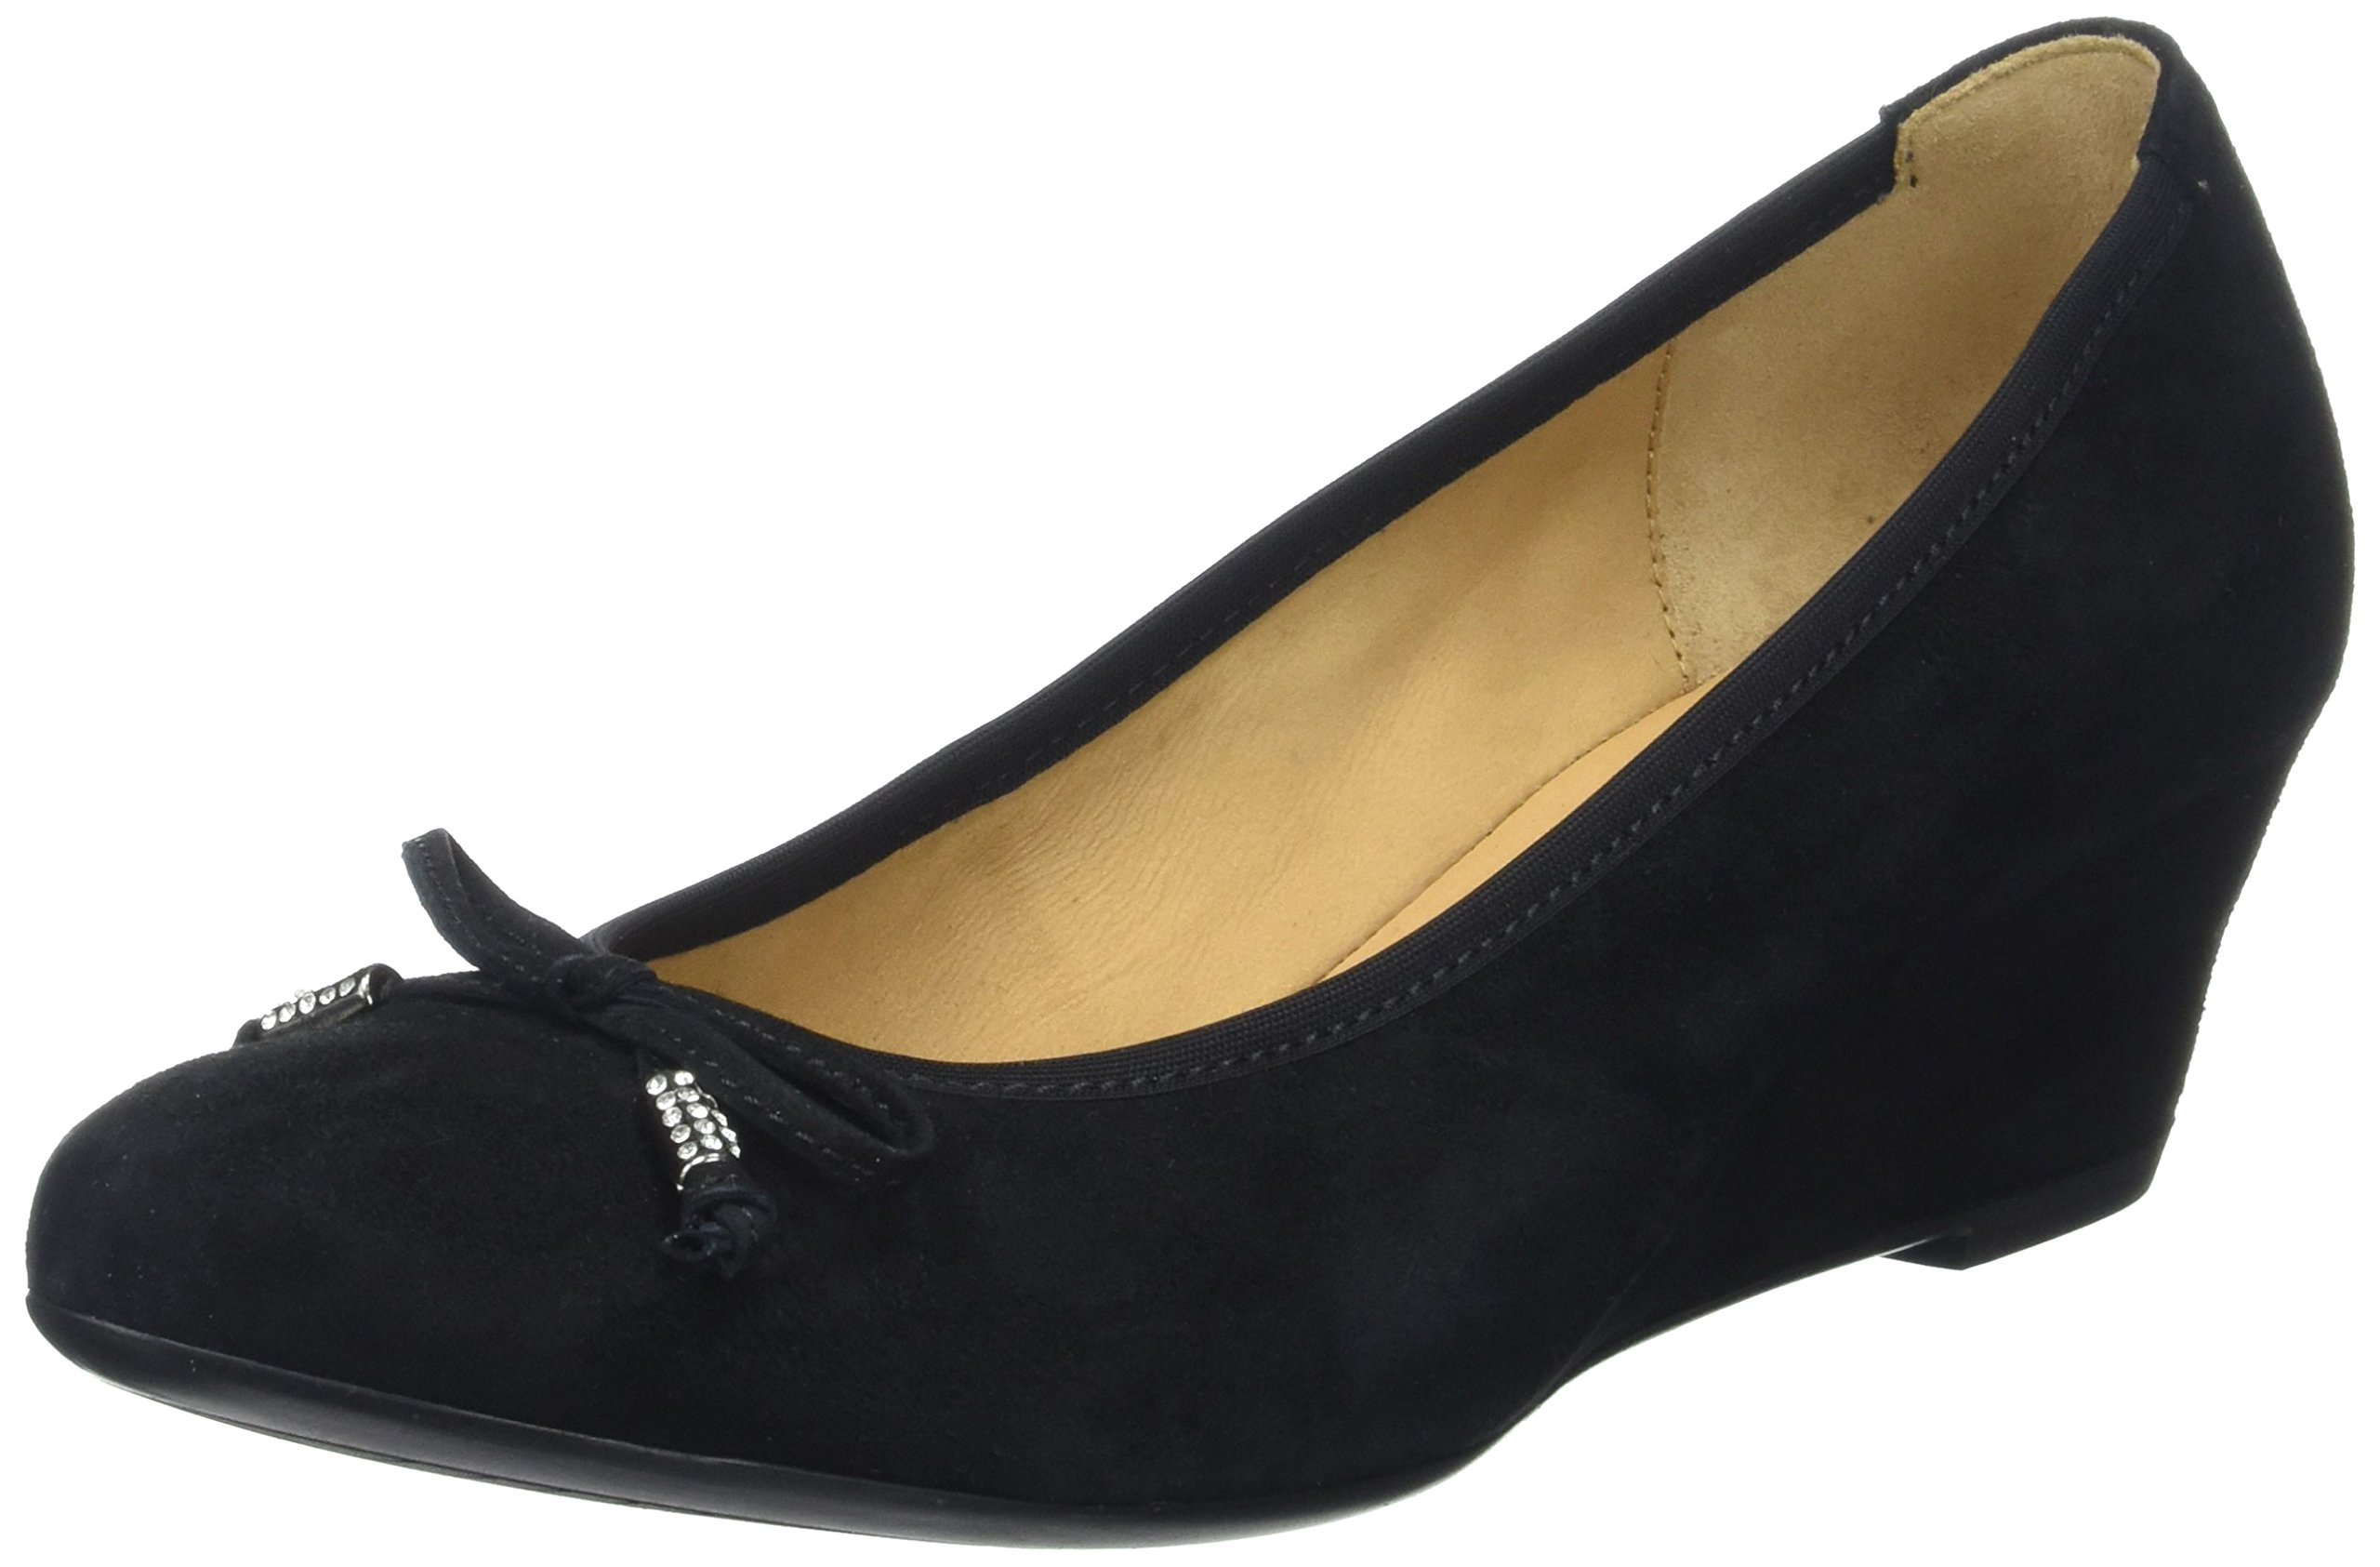 Eu Shoes Plateforme Plate Gabor FemmeNoirschwarz 5 À FashionPompes 1737 wkTPulOXZi